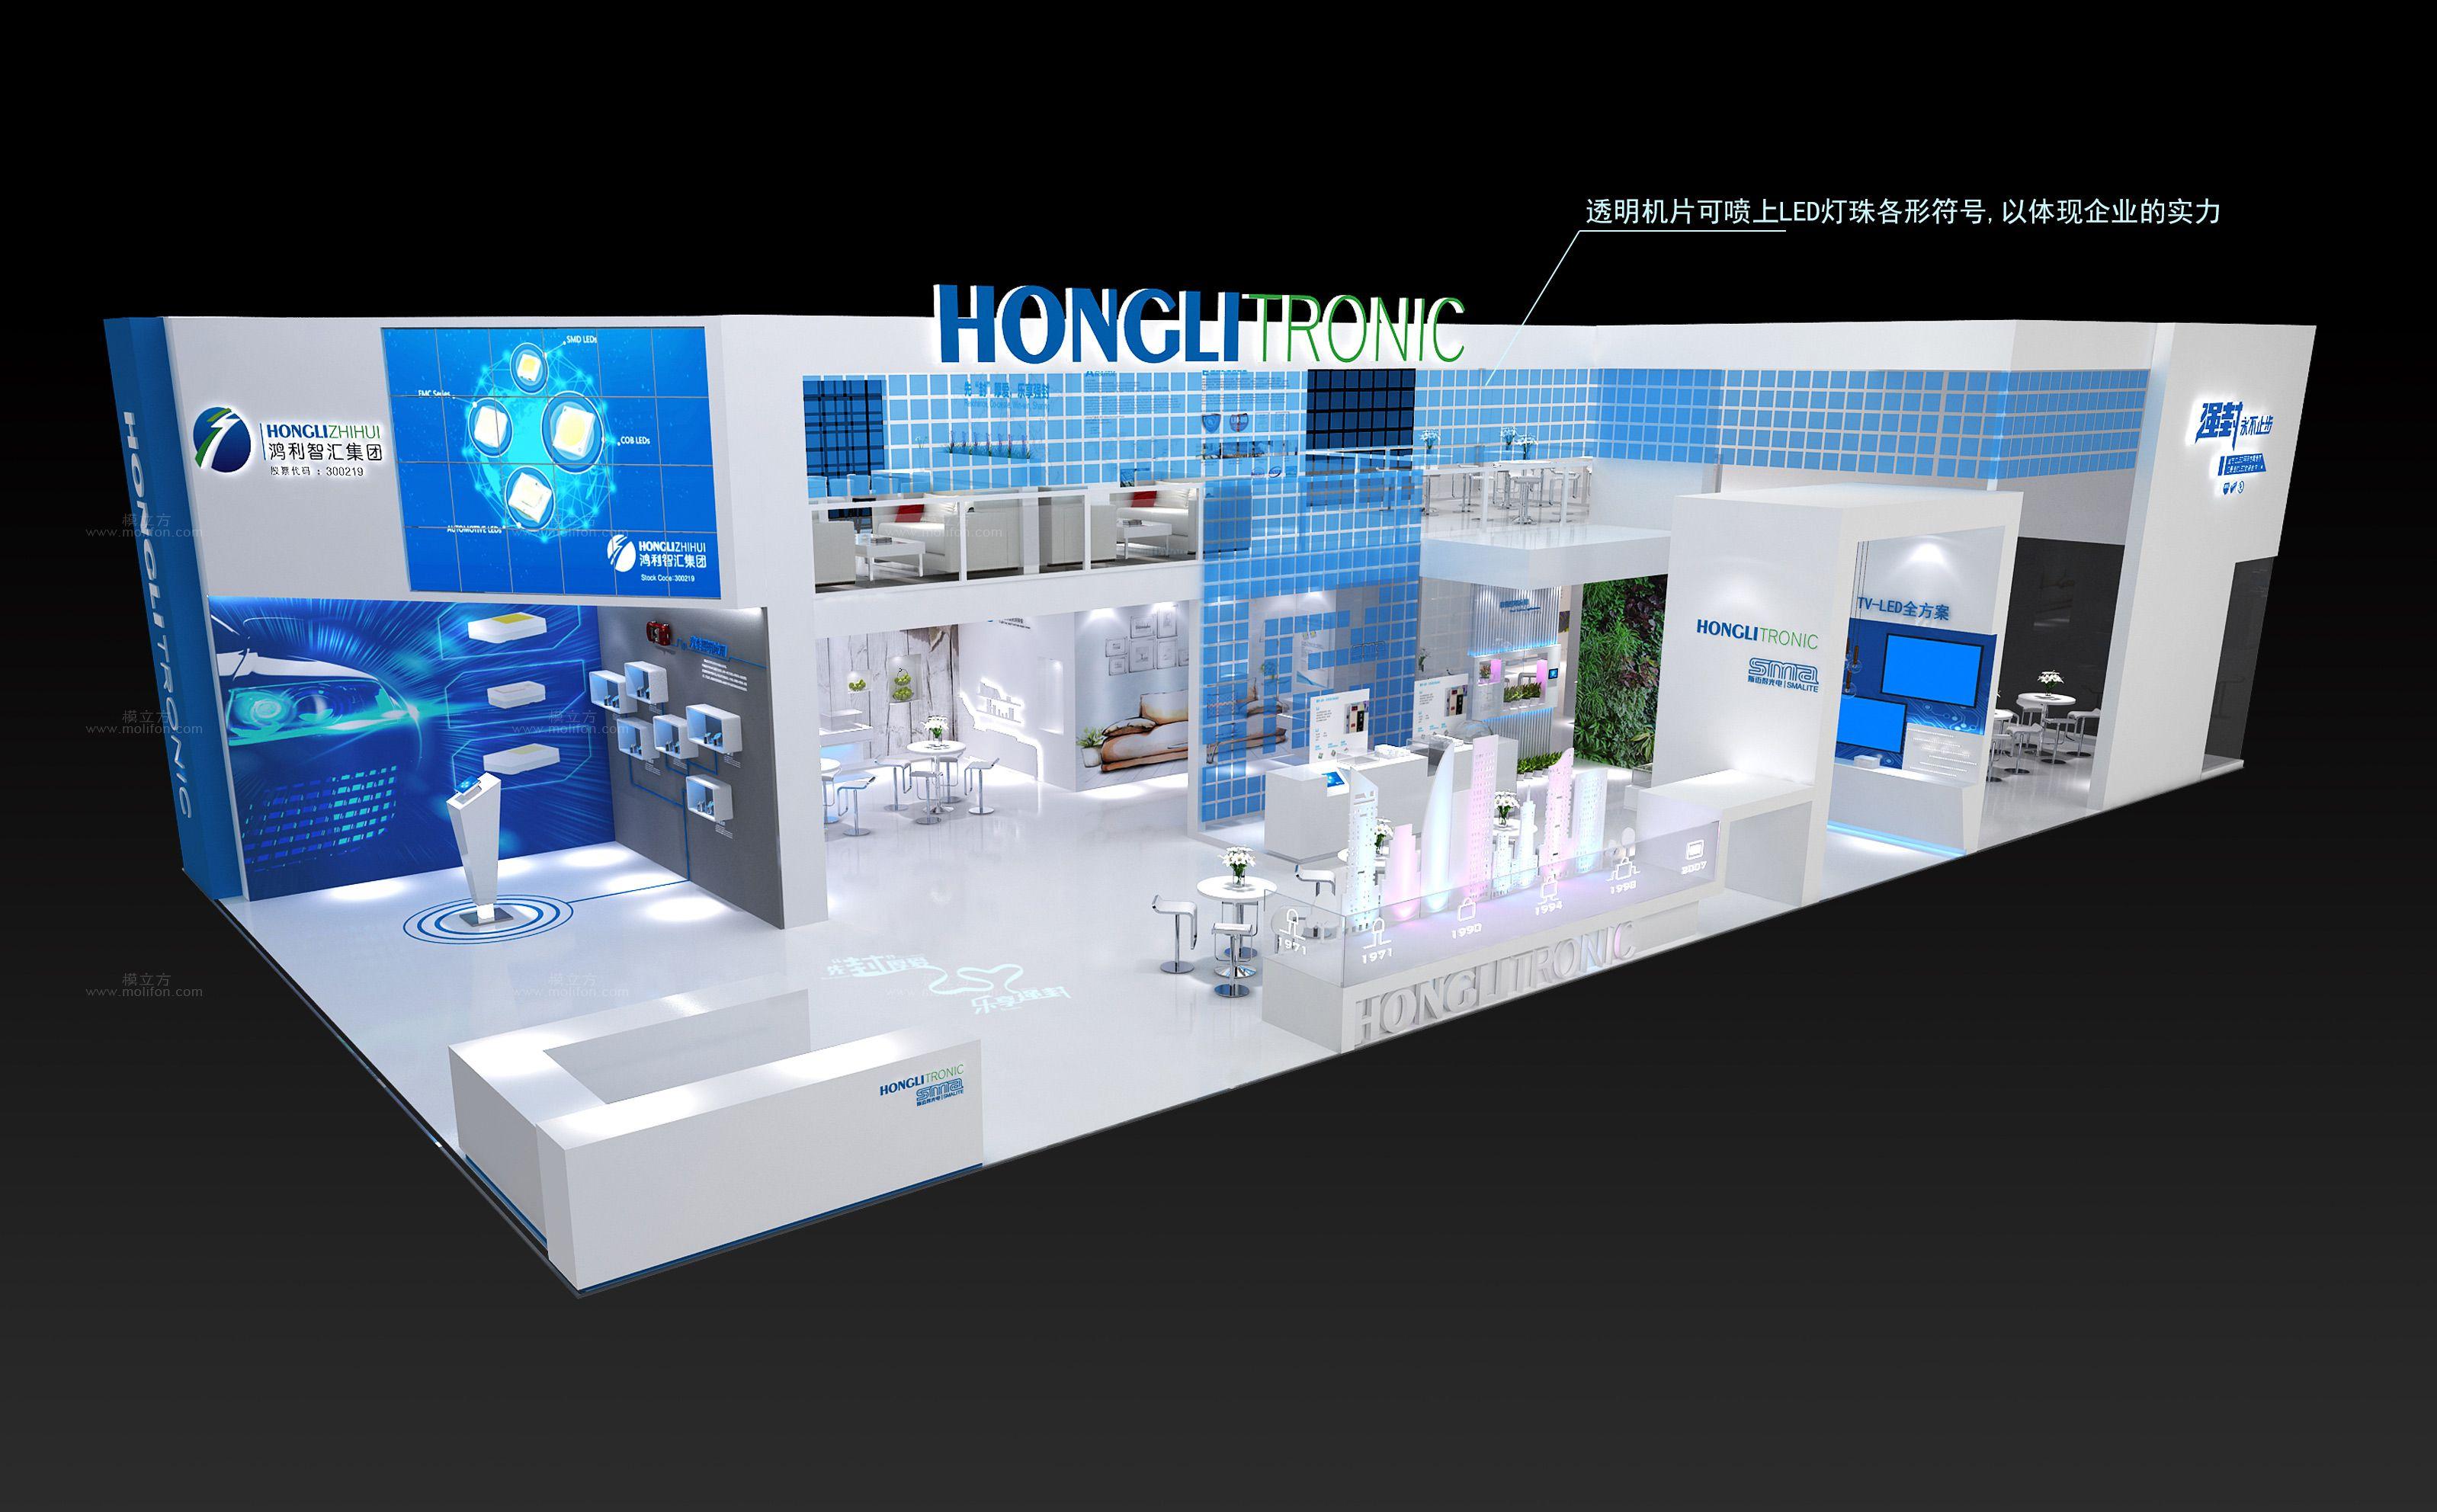 24x12鸿利智汇展览展示展台模型